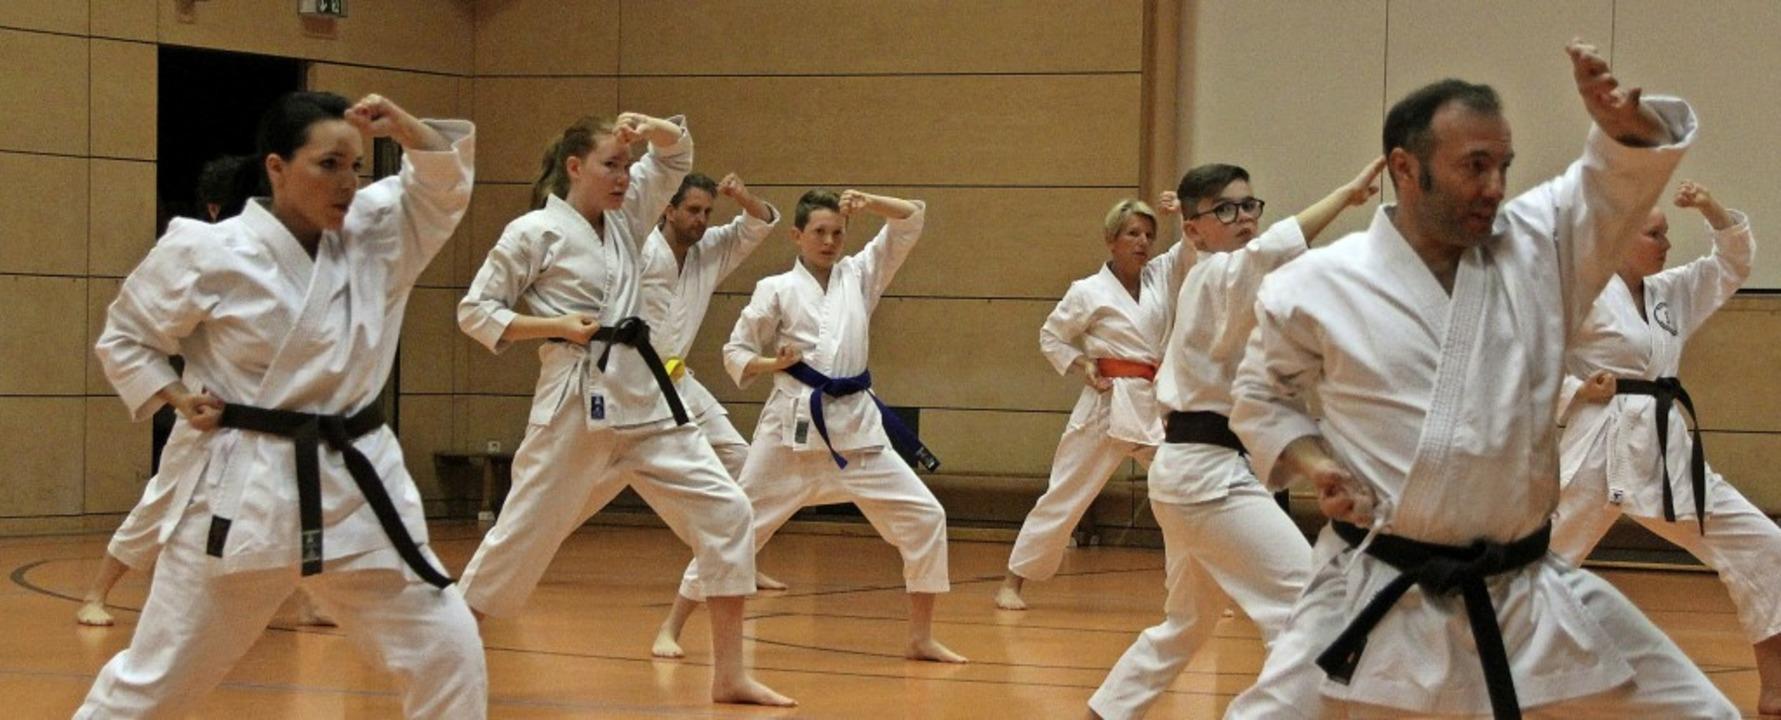 Bis März 2019 fand das Kampfsport-Trai...rend Corona, gelten besondere Regeln.     Foto: Rolf Sprenger